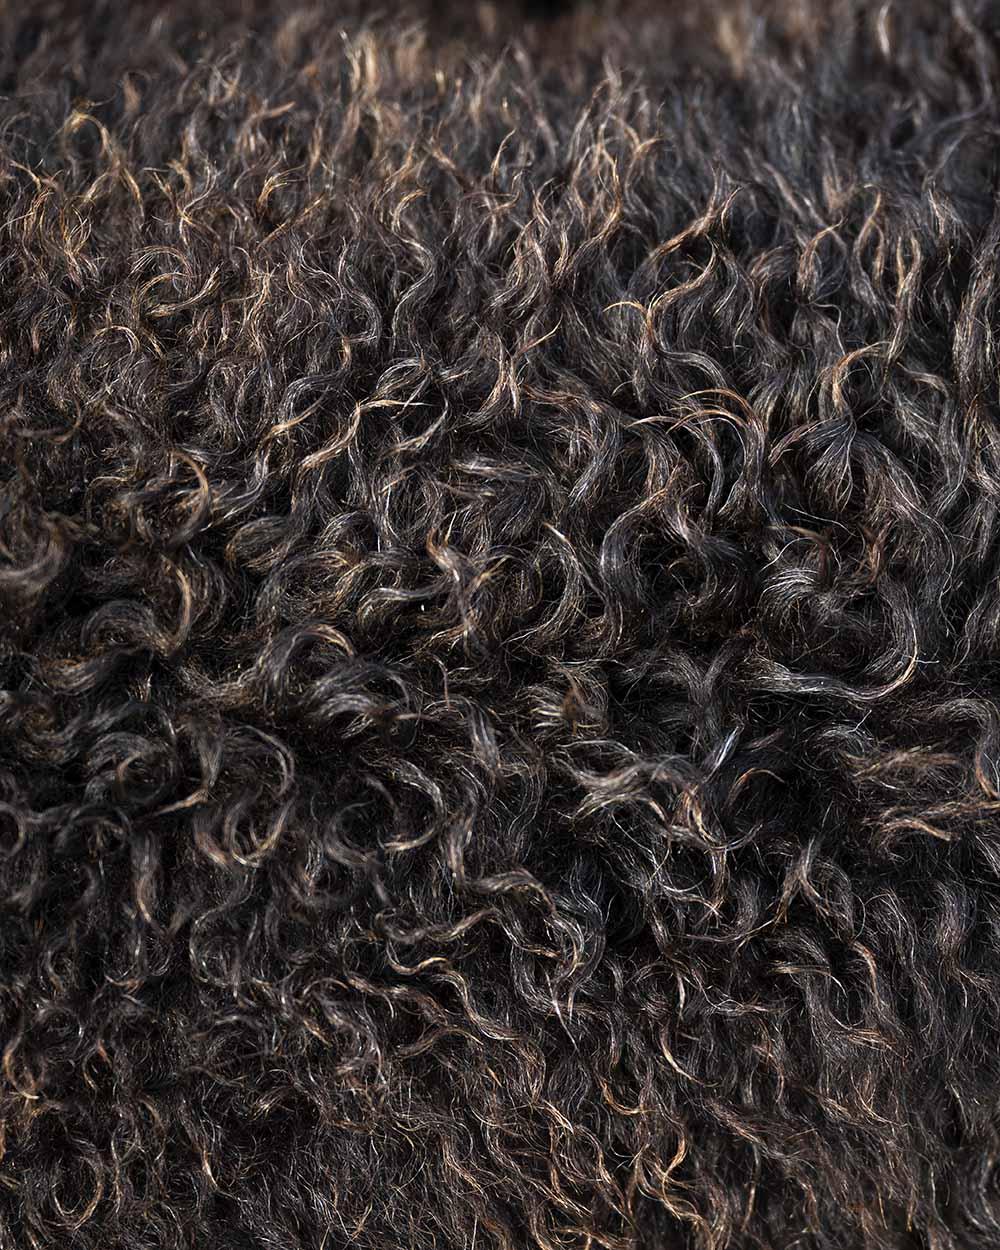 Wolle eines Schafs